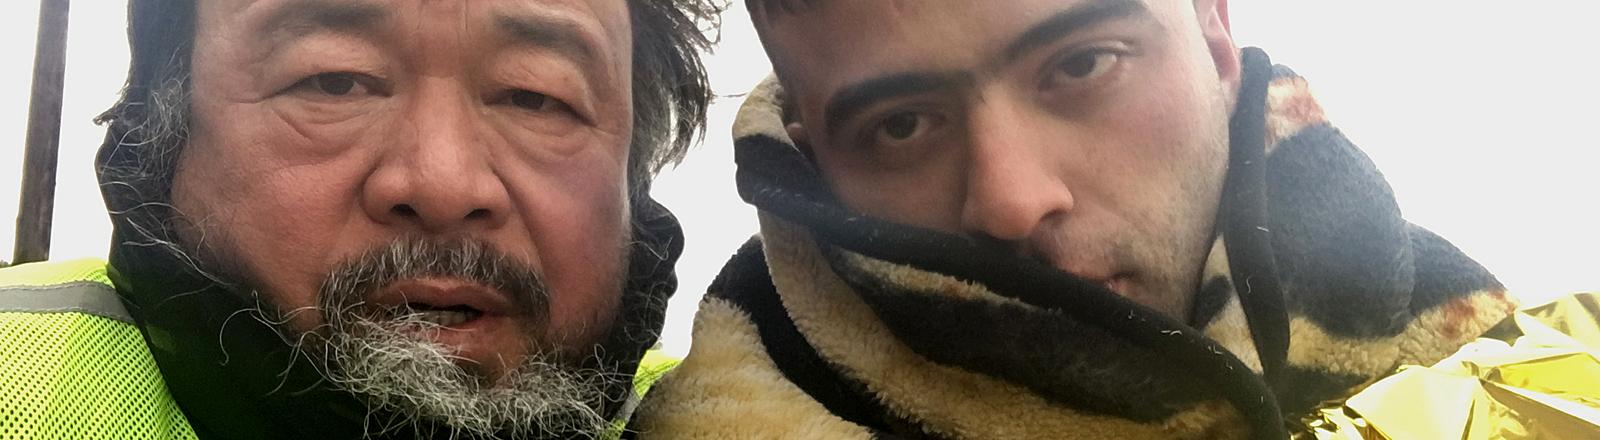 Ai WeiWei mit einem Flüchtling